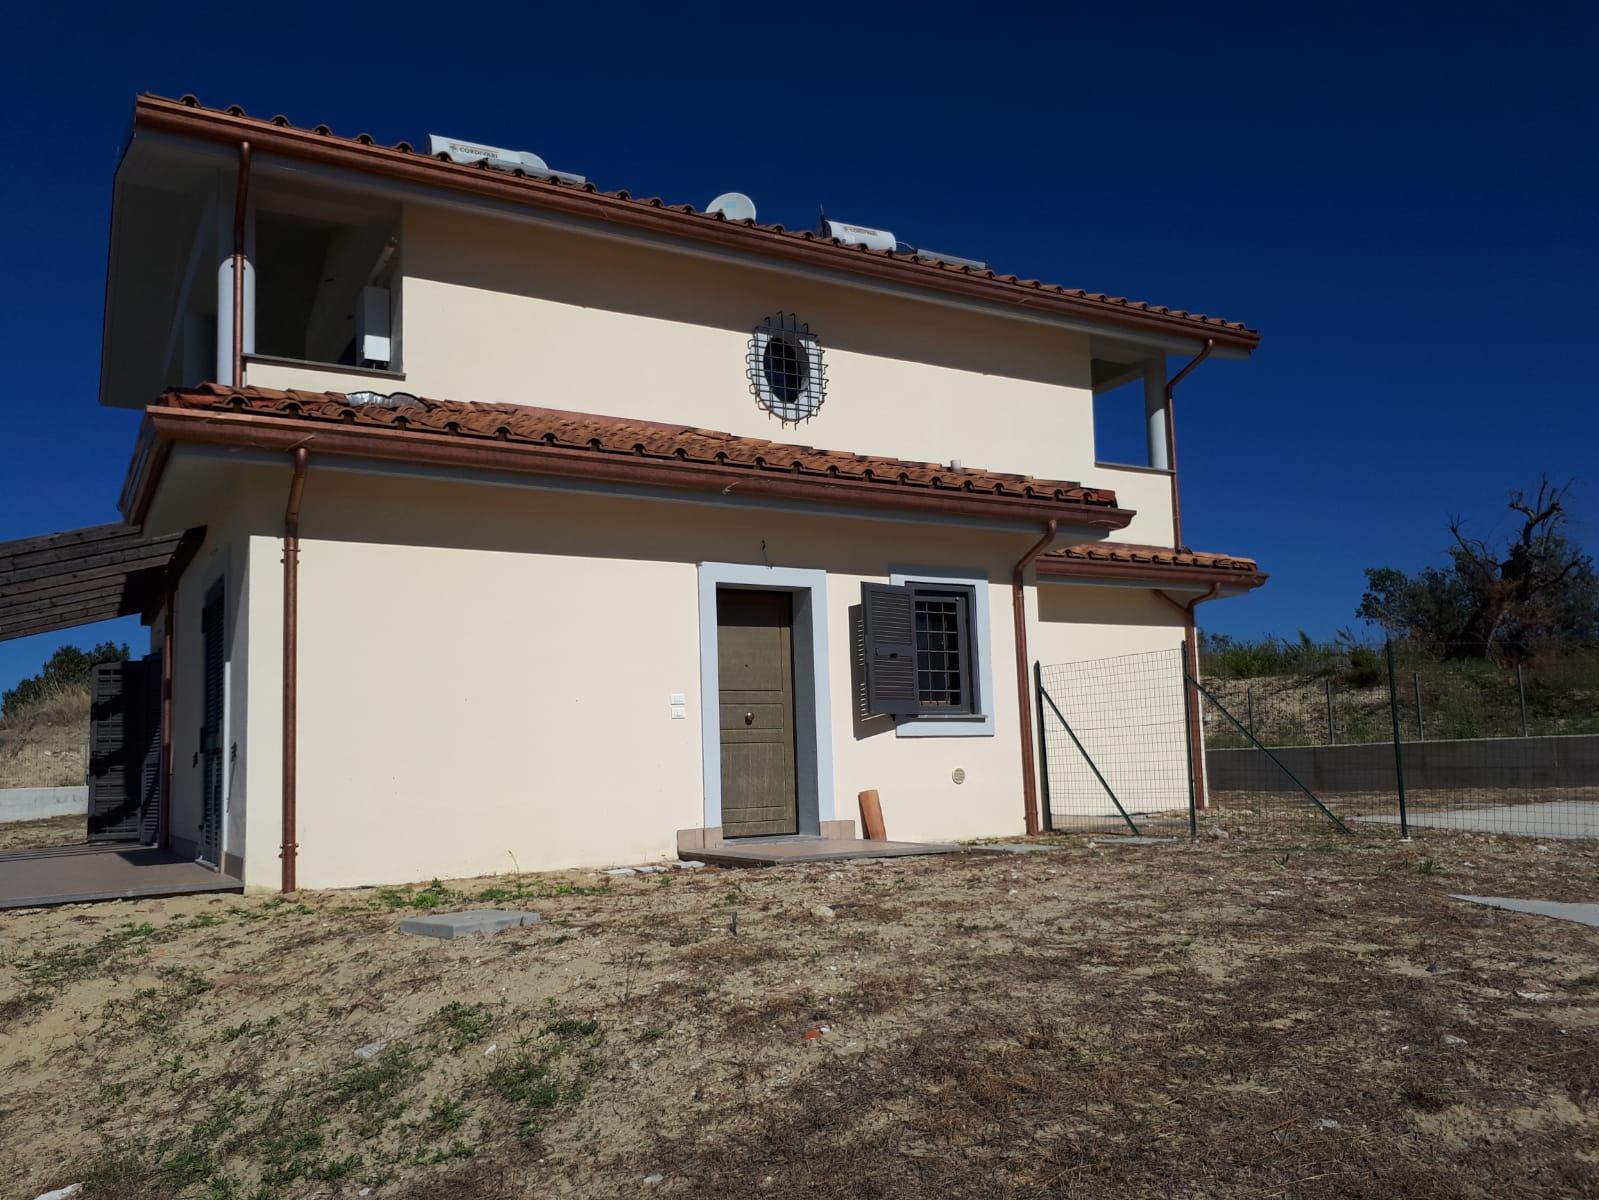 Villa in vendita a Montelibretti, 3 locali, prezzo € 149.000 | CambioCasa.it